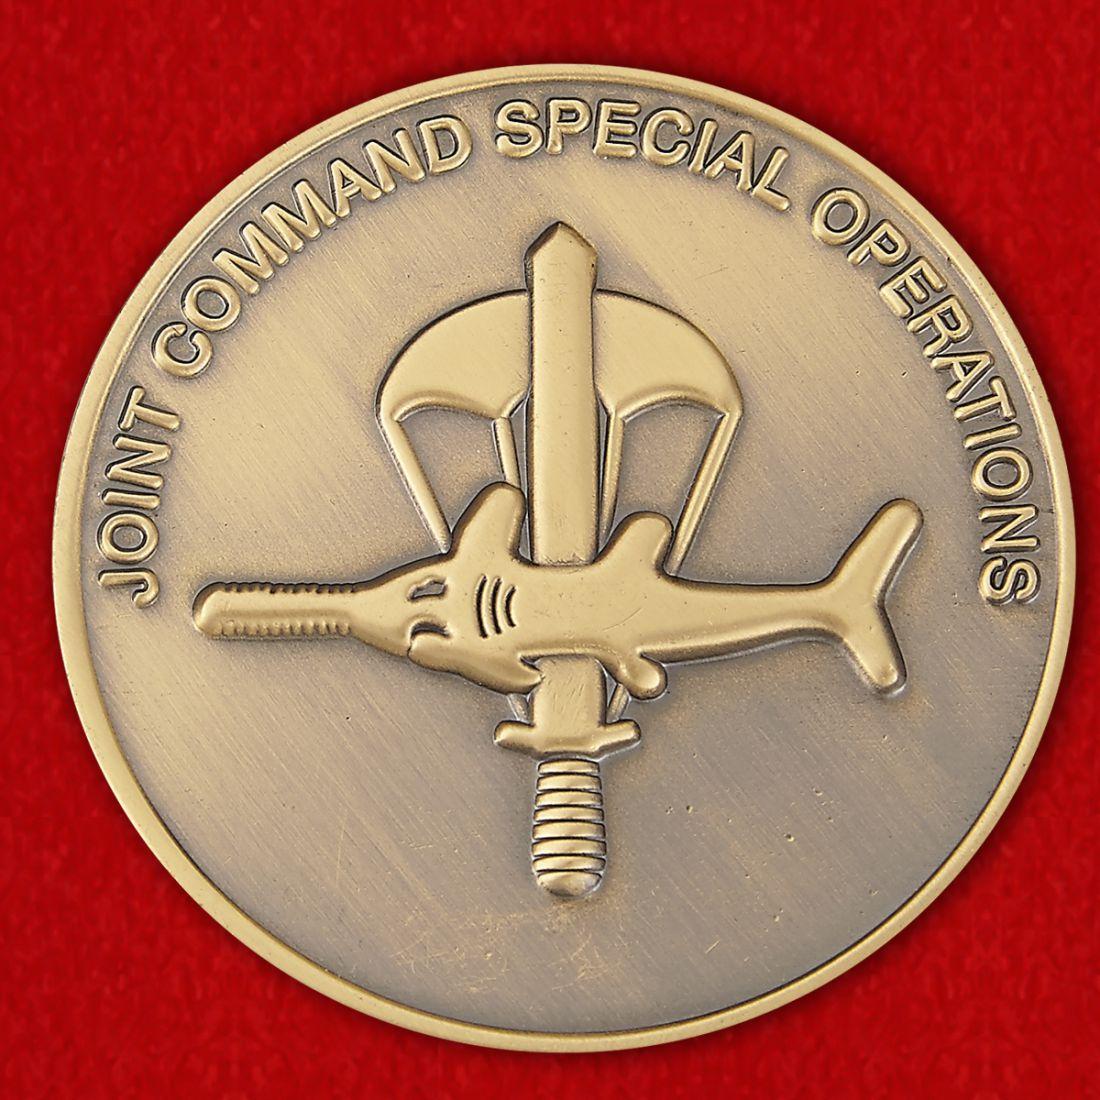 Abteilung Spezialoperationen Bundeswehr Challenge Coin